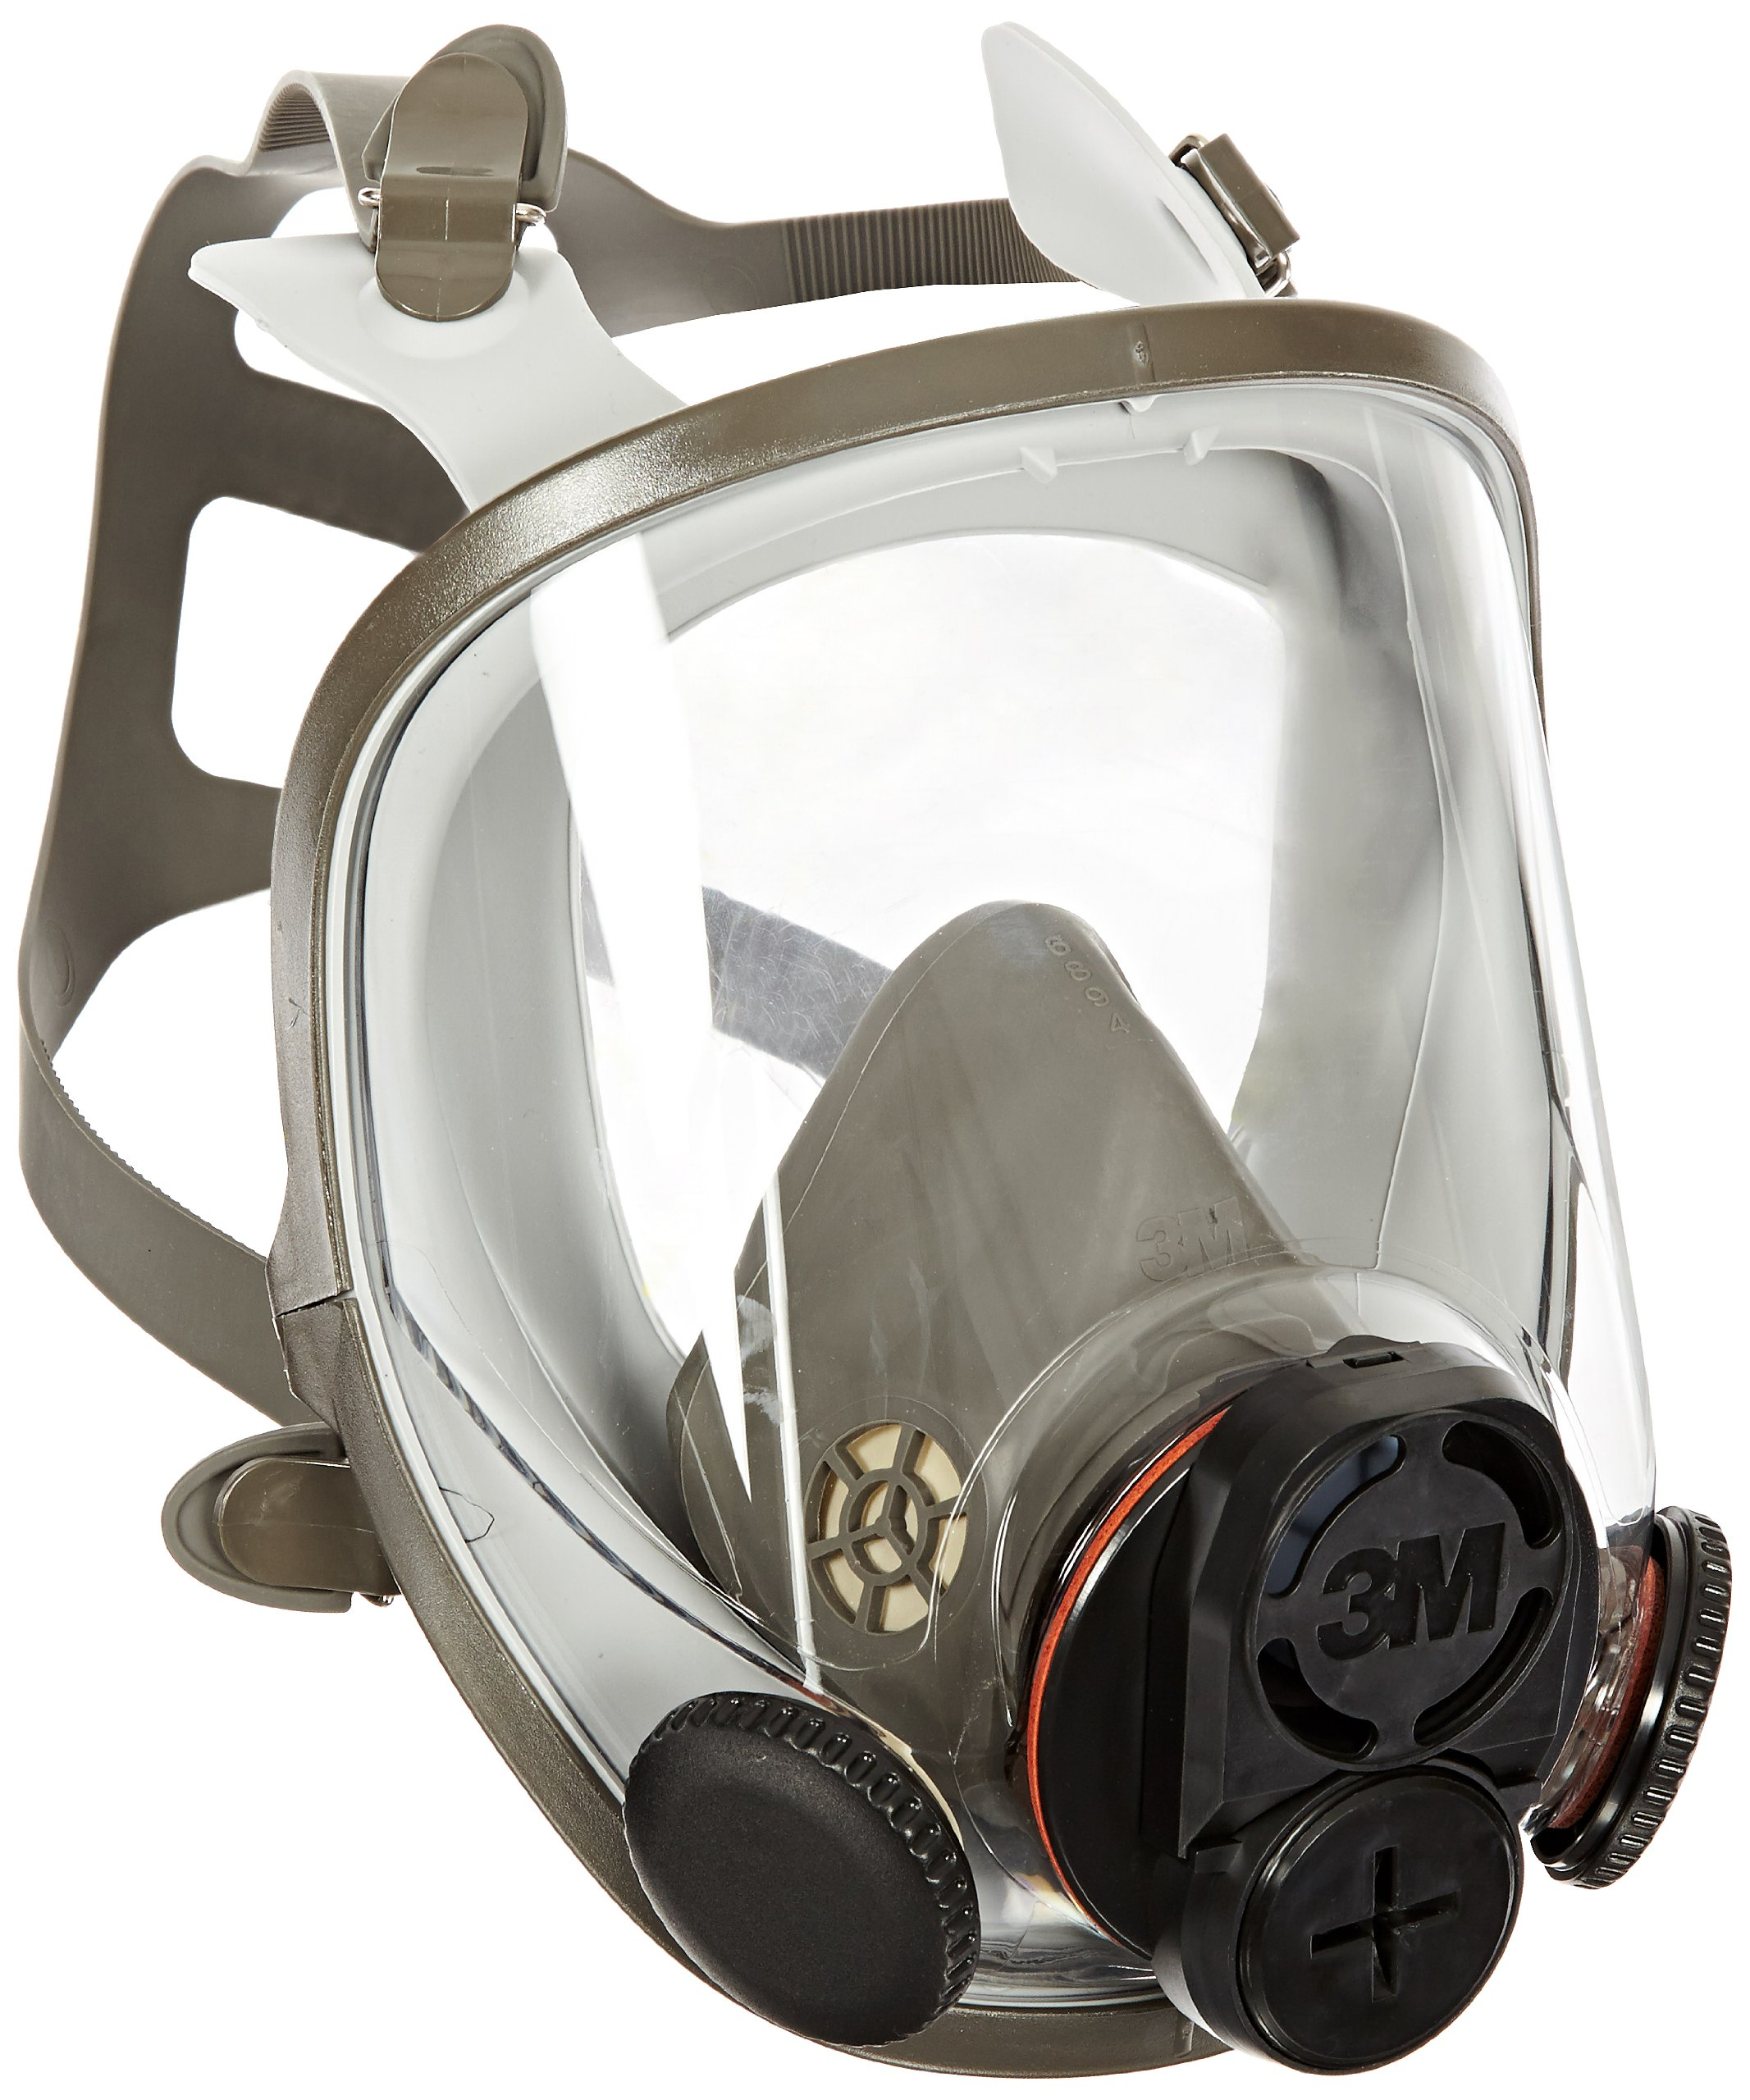 3M Full Facepiece Reusable Respirator 6700DIN, Respiratory Protection, Small